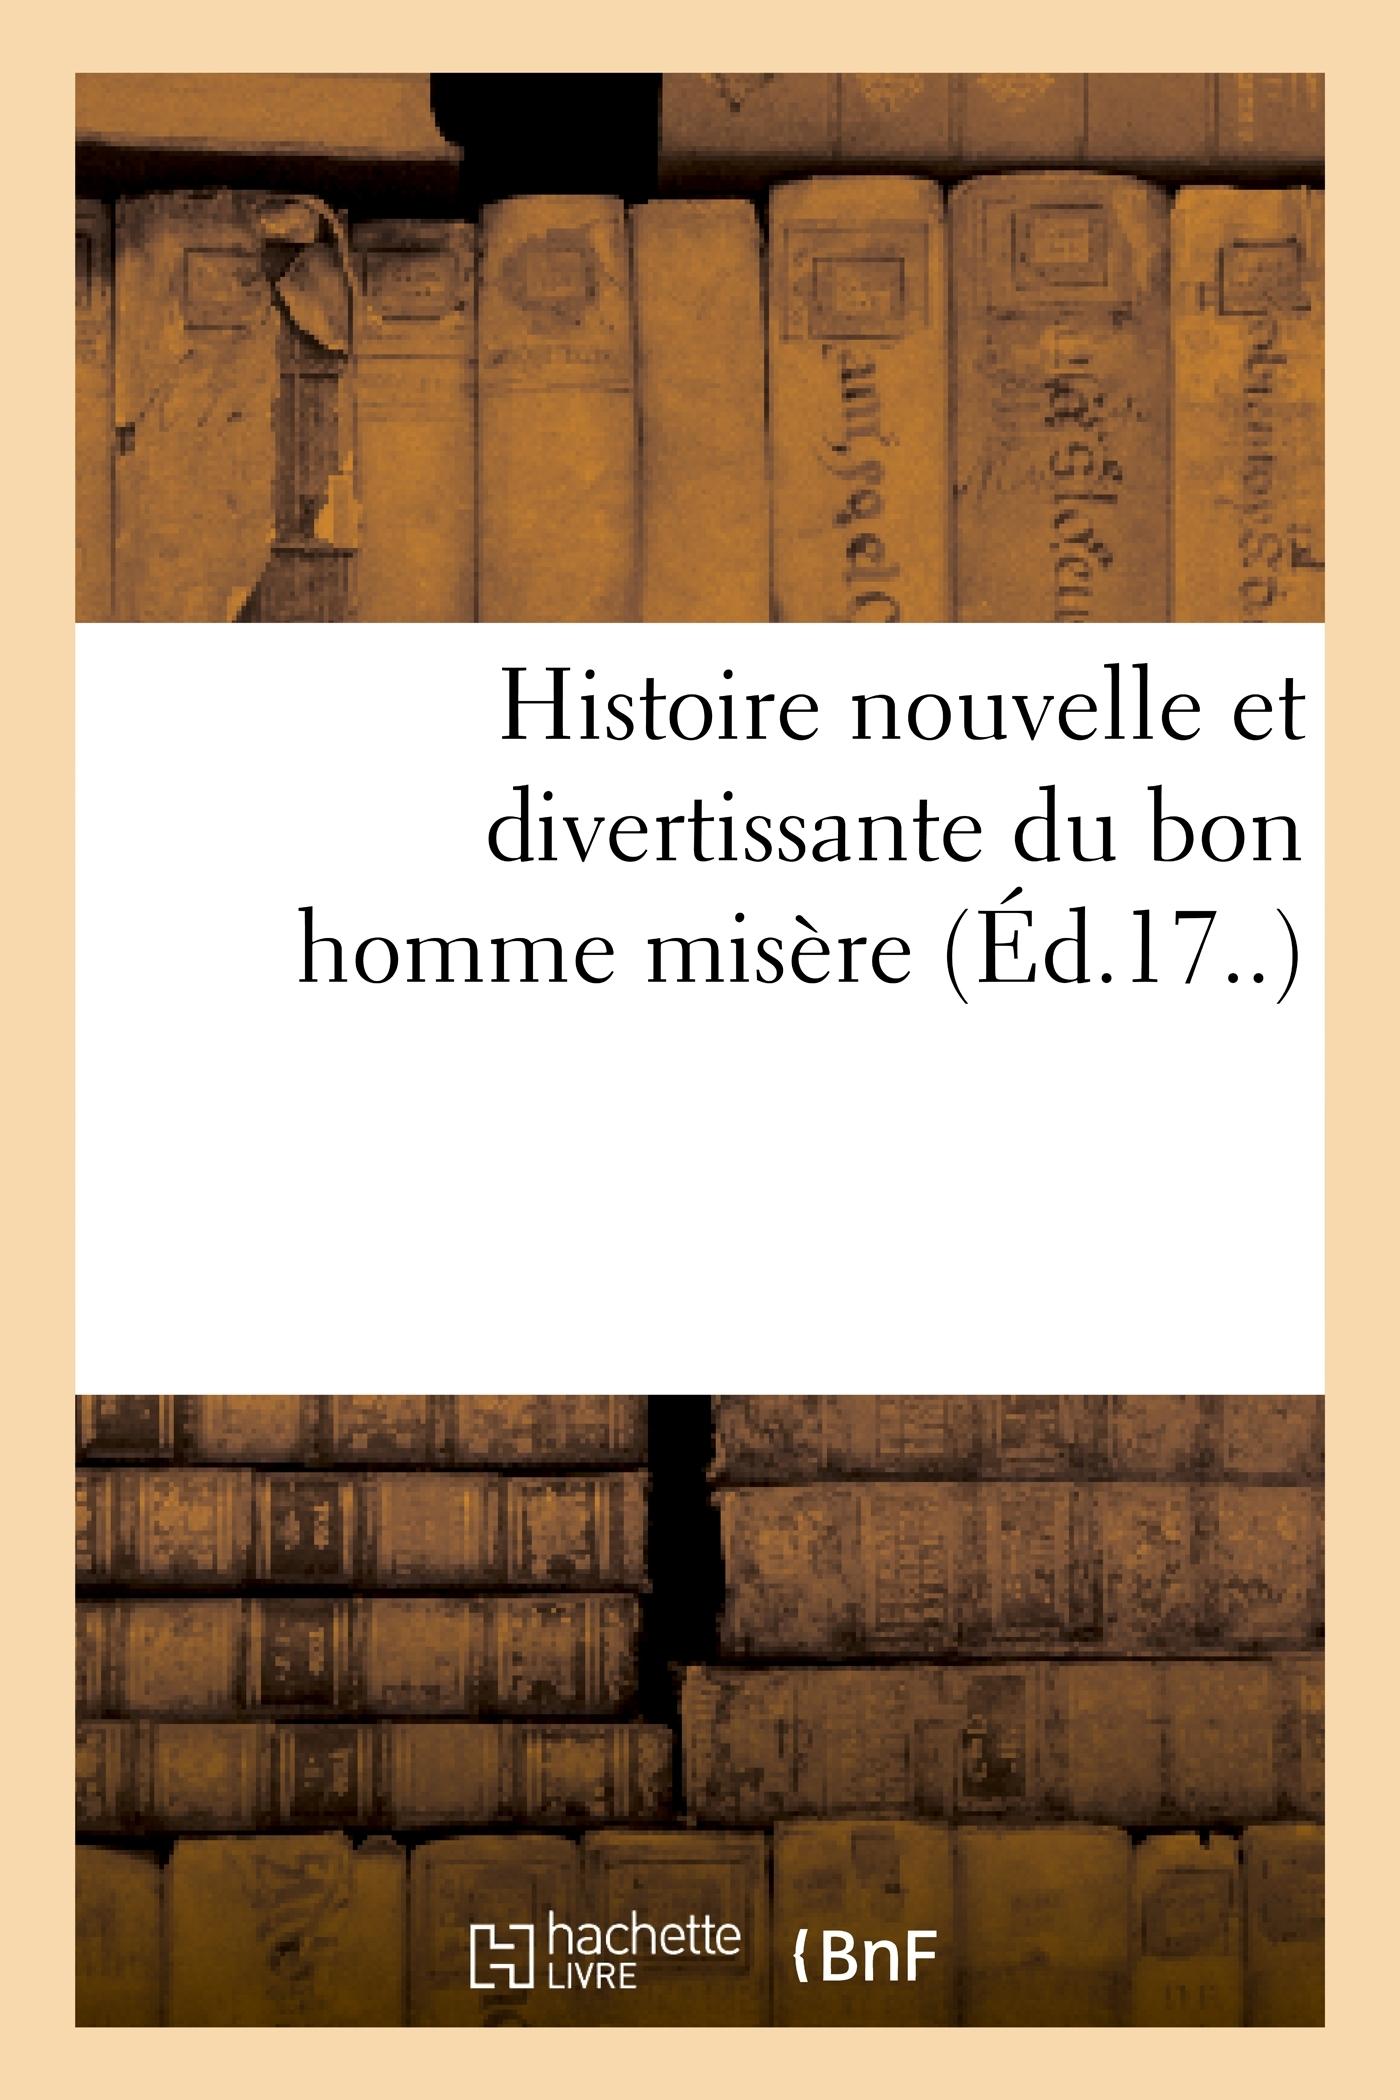 HISTOIRE NOUVELLE ET DIVERTISSANTE DU BON HOMME MISERE - : DANS LAQUELLE ON VERRA CE QUE C'EST QUE L